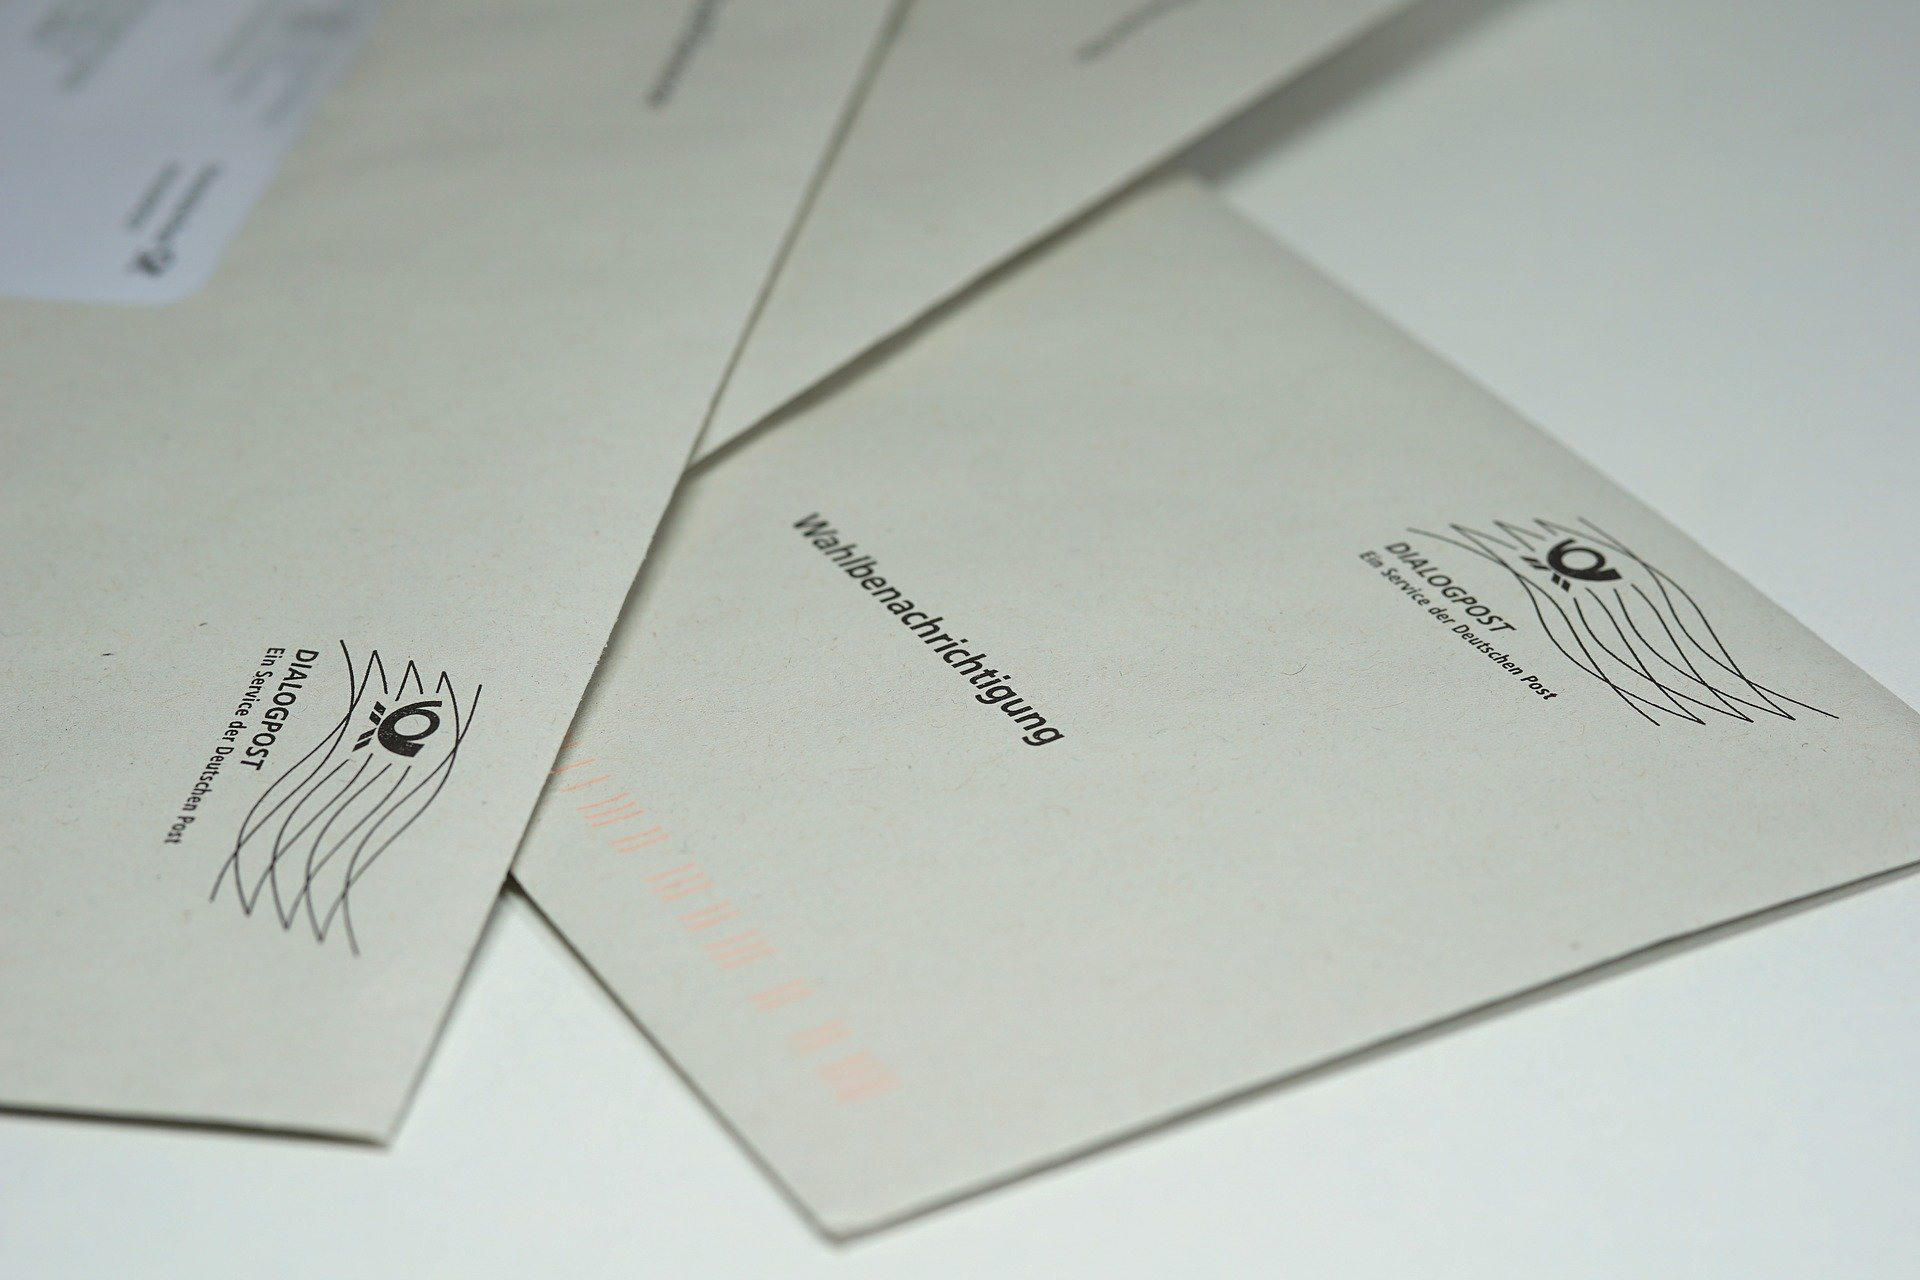 Ab dem 17. August können Briewahlunterlagen bei der Stadt Isselburg beantragt werden